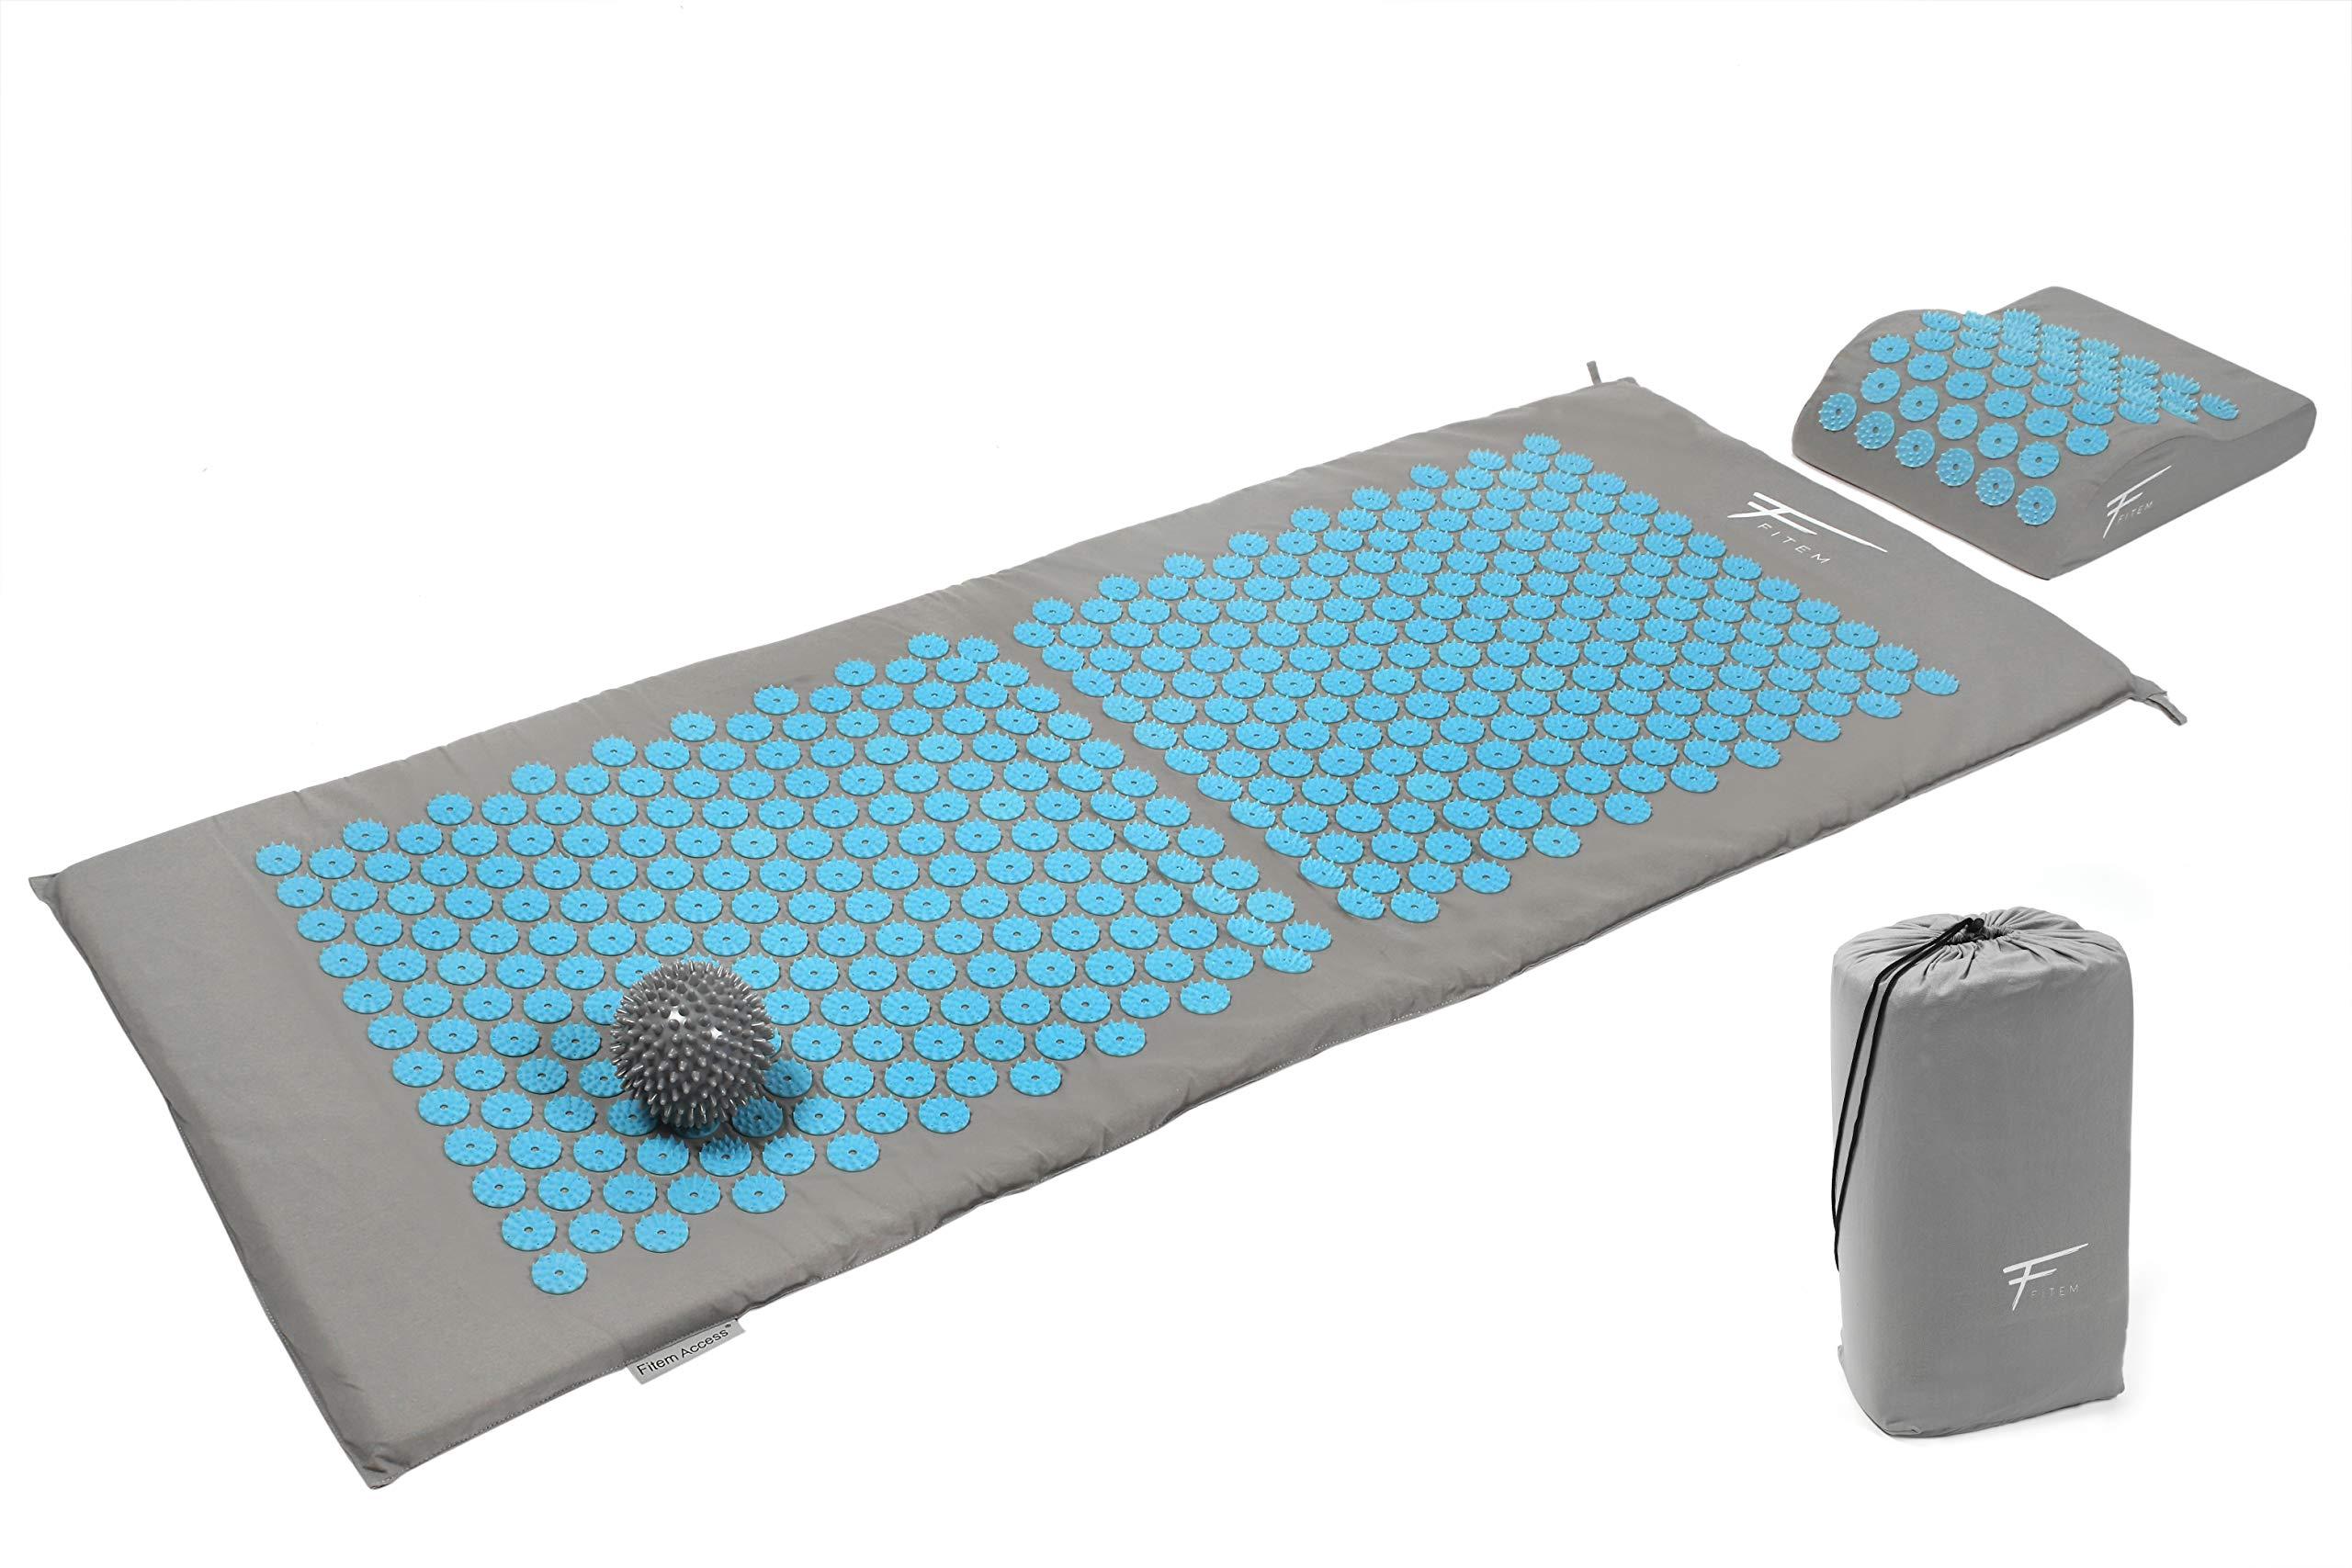 Fitem Kit de acupresión XL - Cojín + Esterilla de acupresión + Bola de masaje -